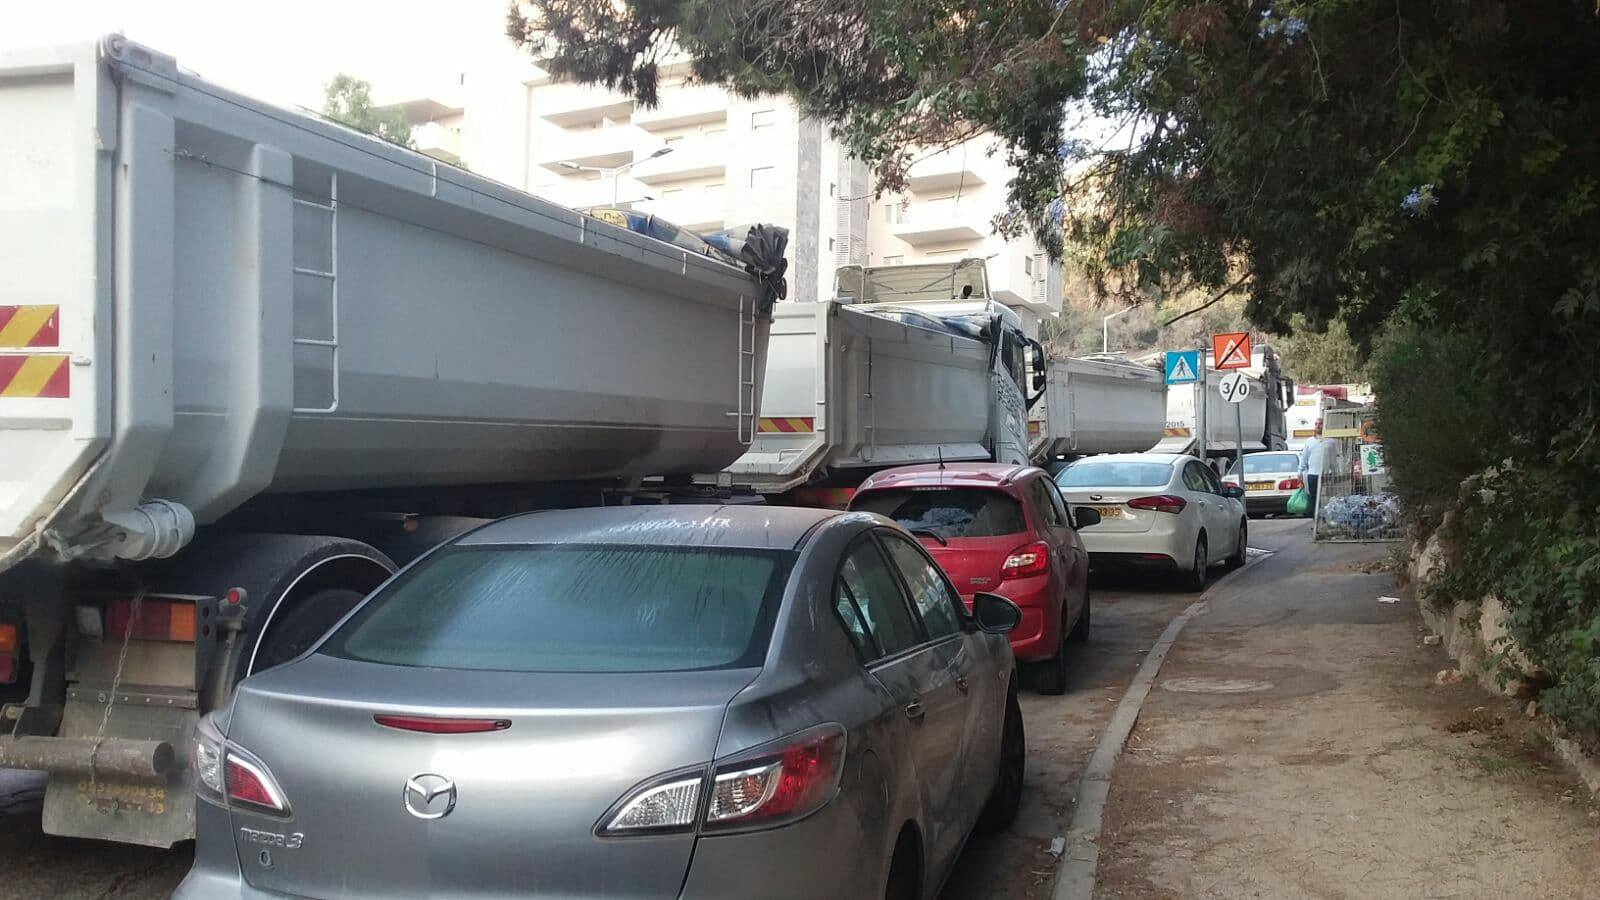 משאיות ומצוקת חניה ברחוב חביבה רייך